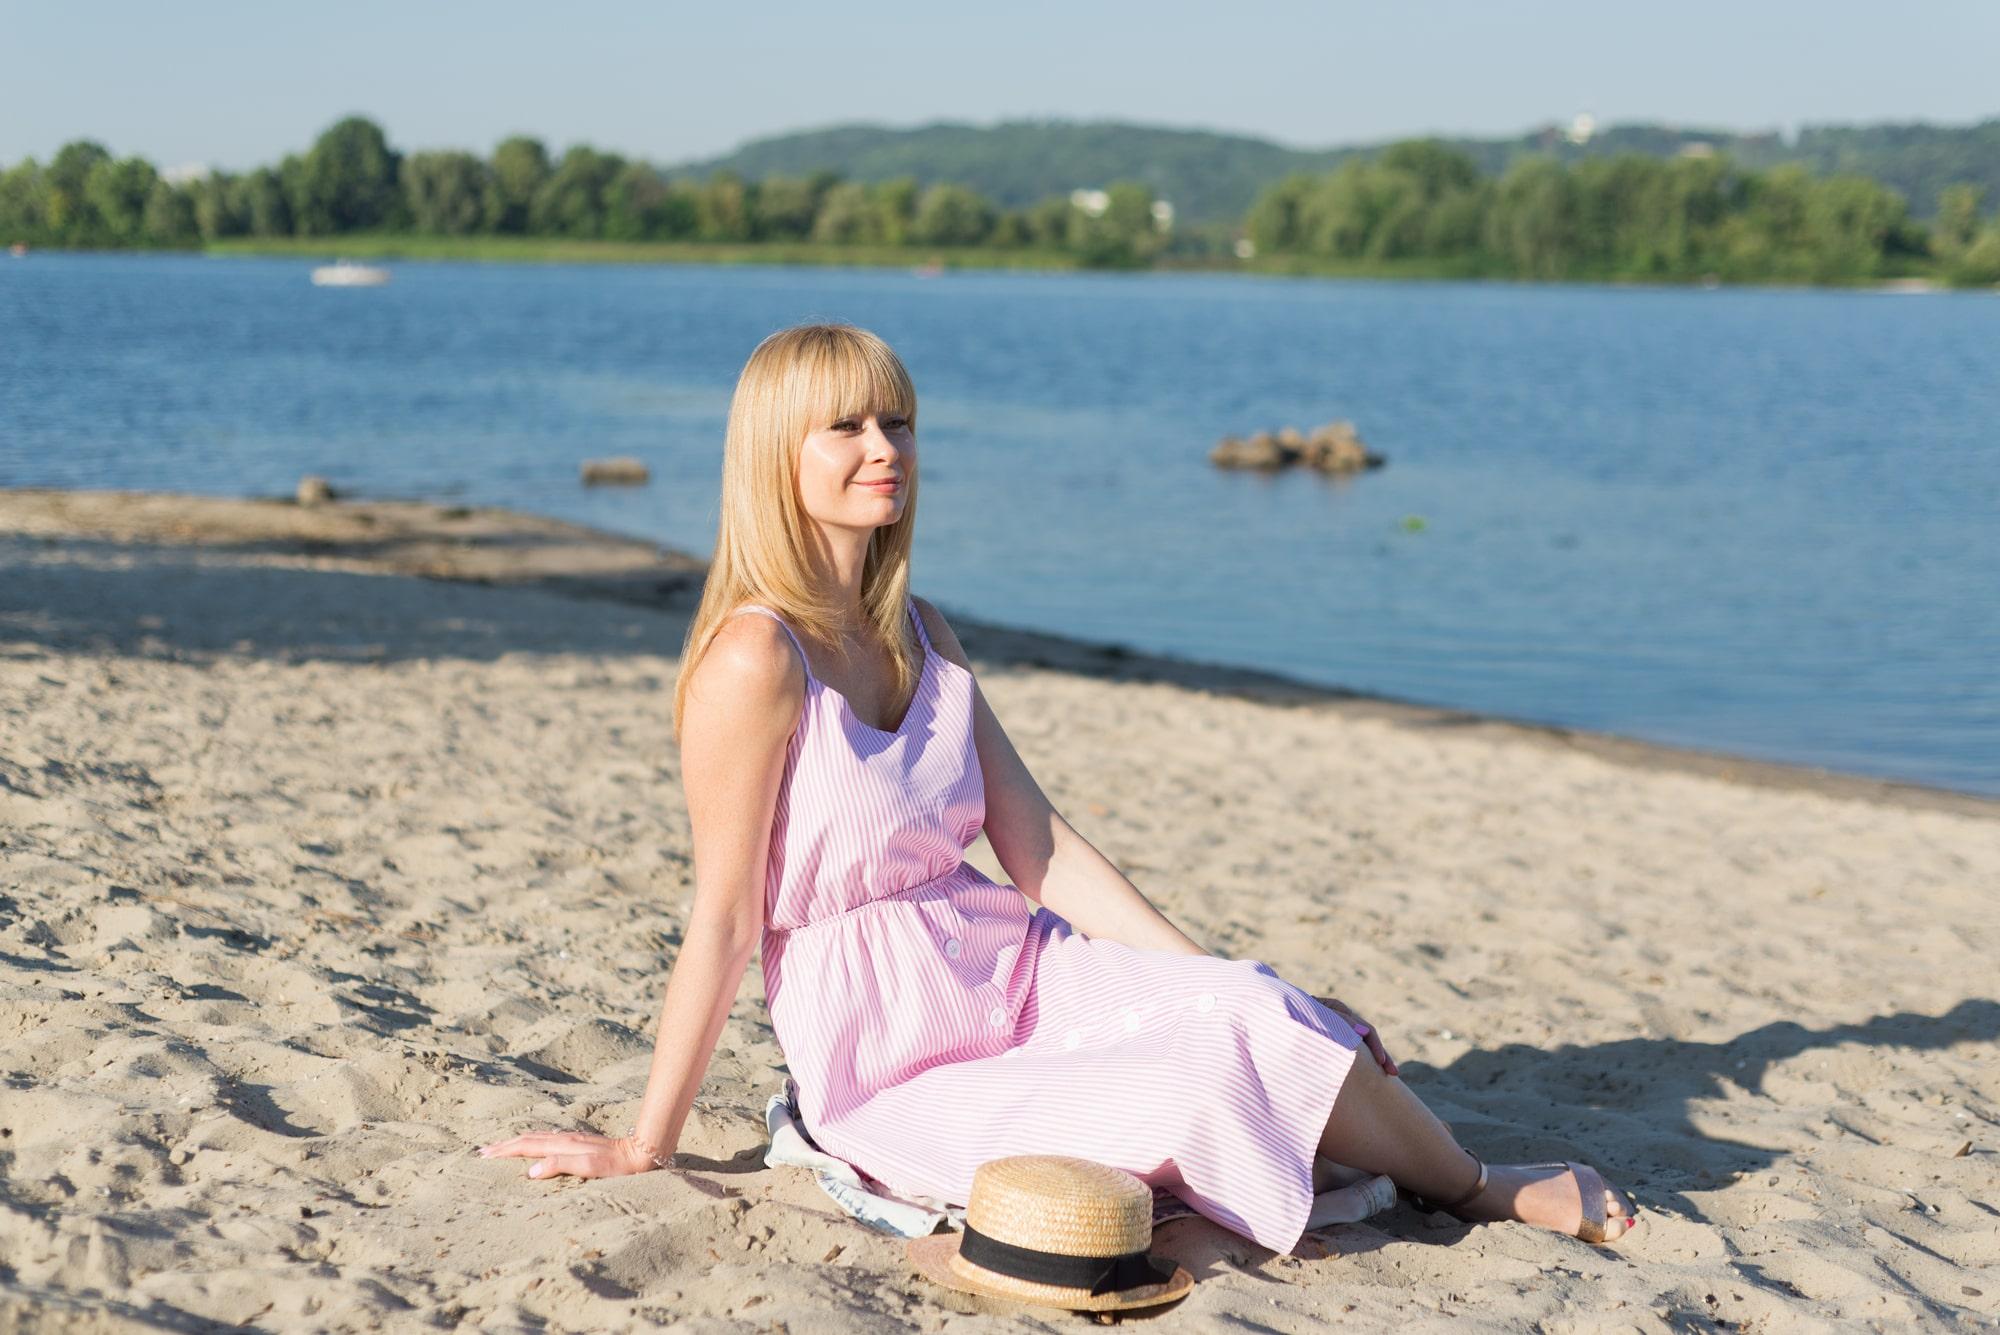 Фотосессия девушки возле реки Днепр - розовое платье